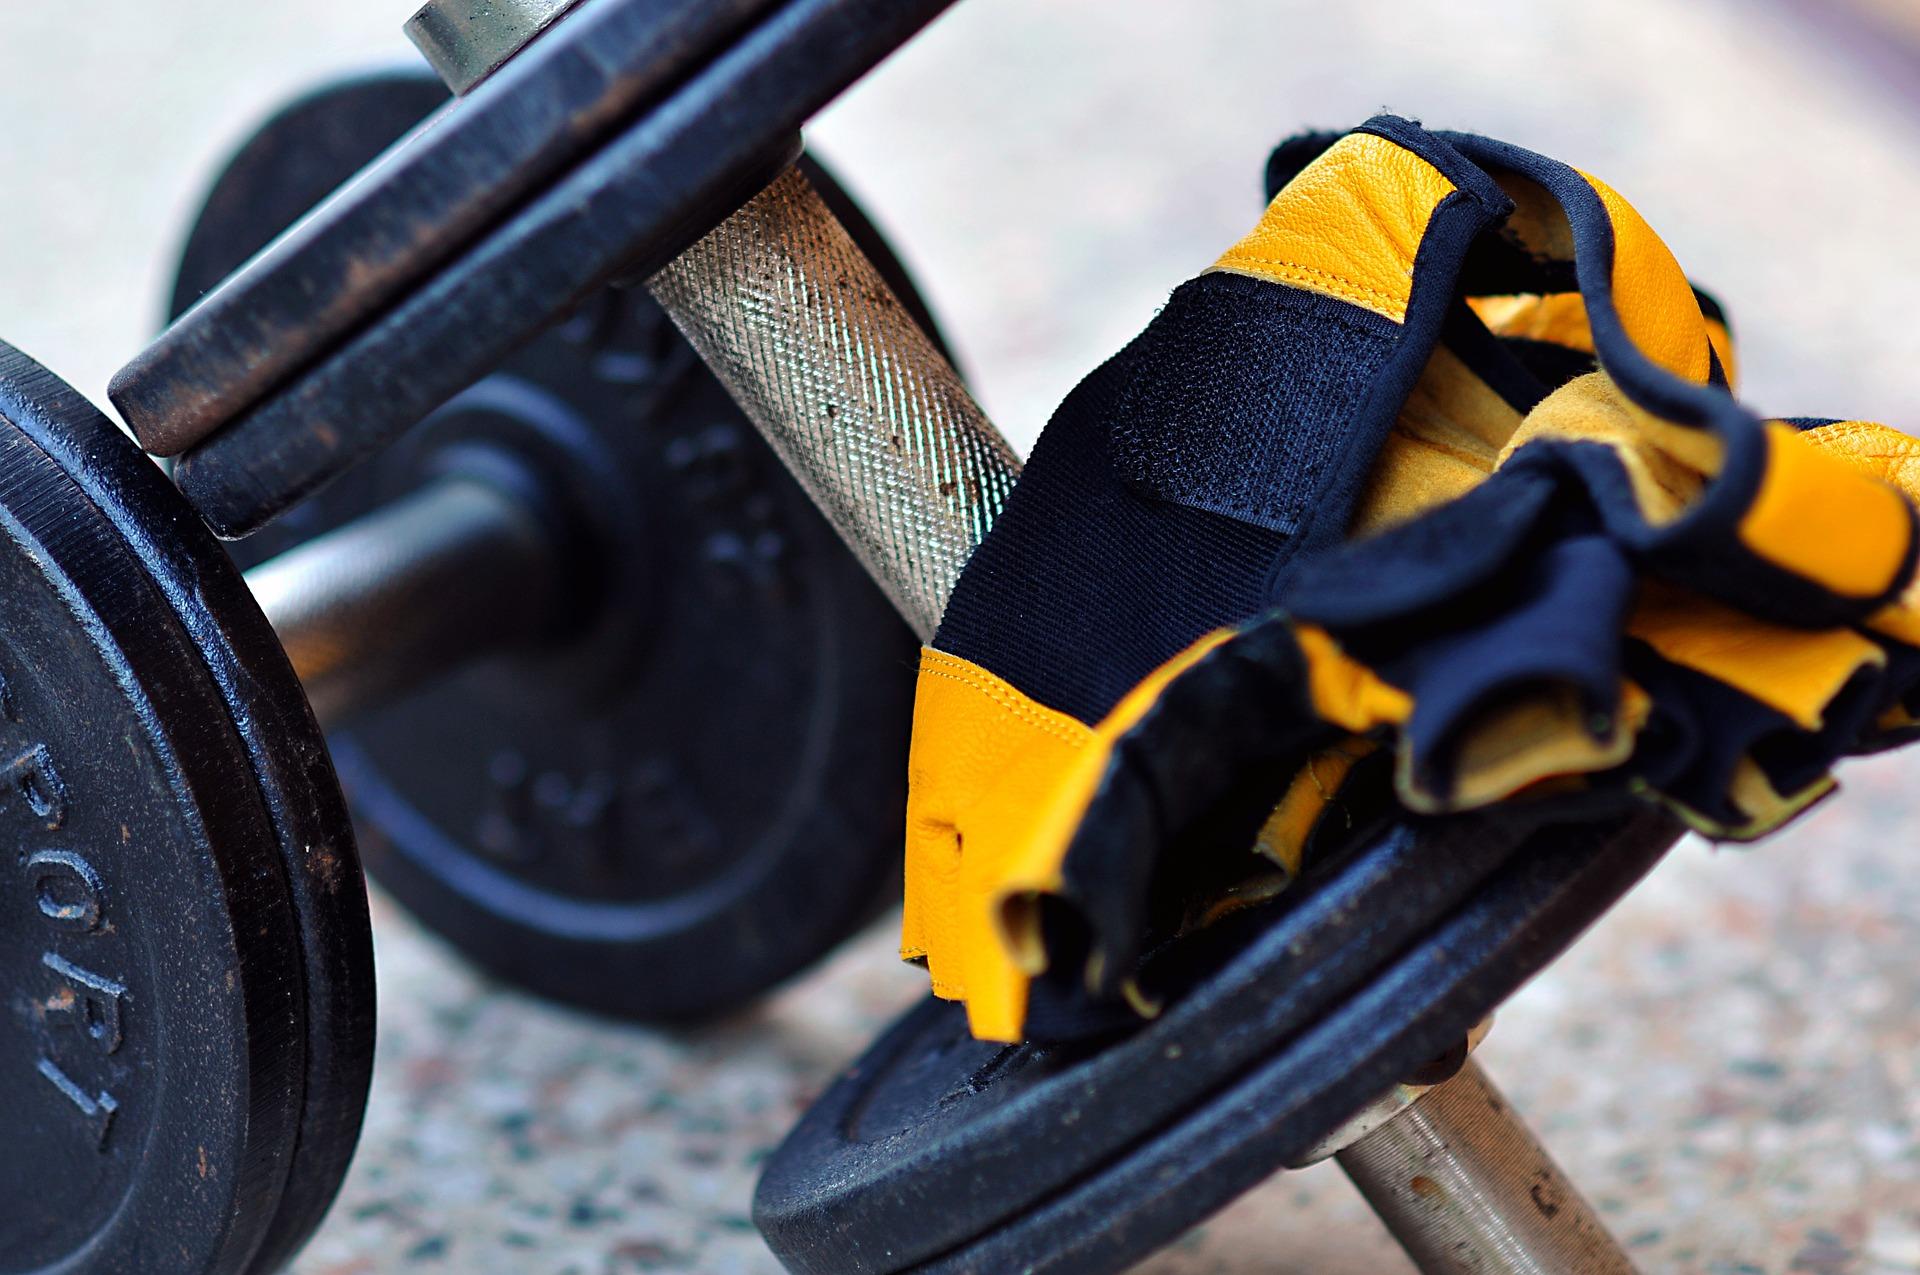 Dois pesos de academia no chão e uma luva, da cor preta e amarela, em cima de um dos pesos.